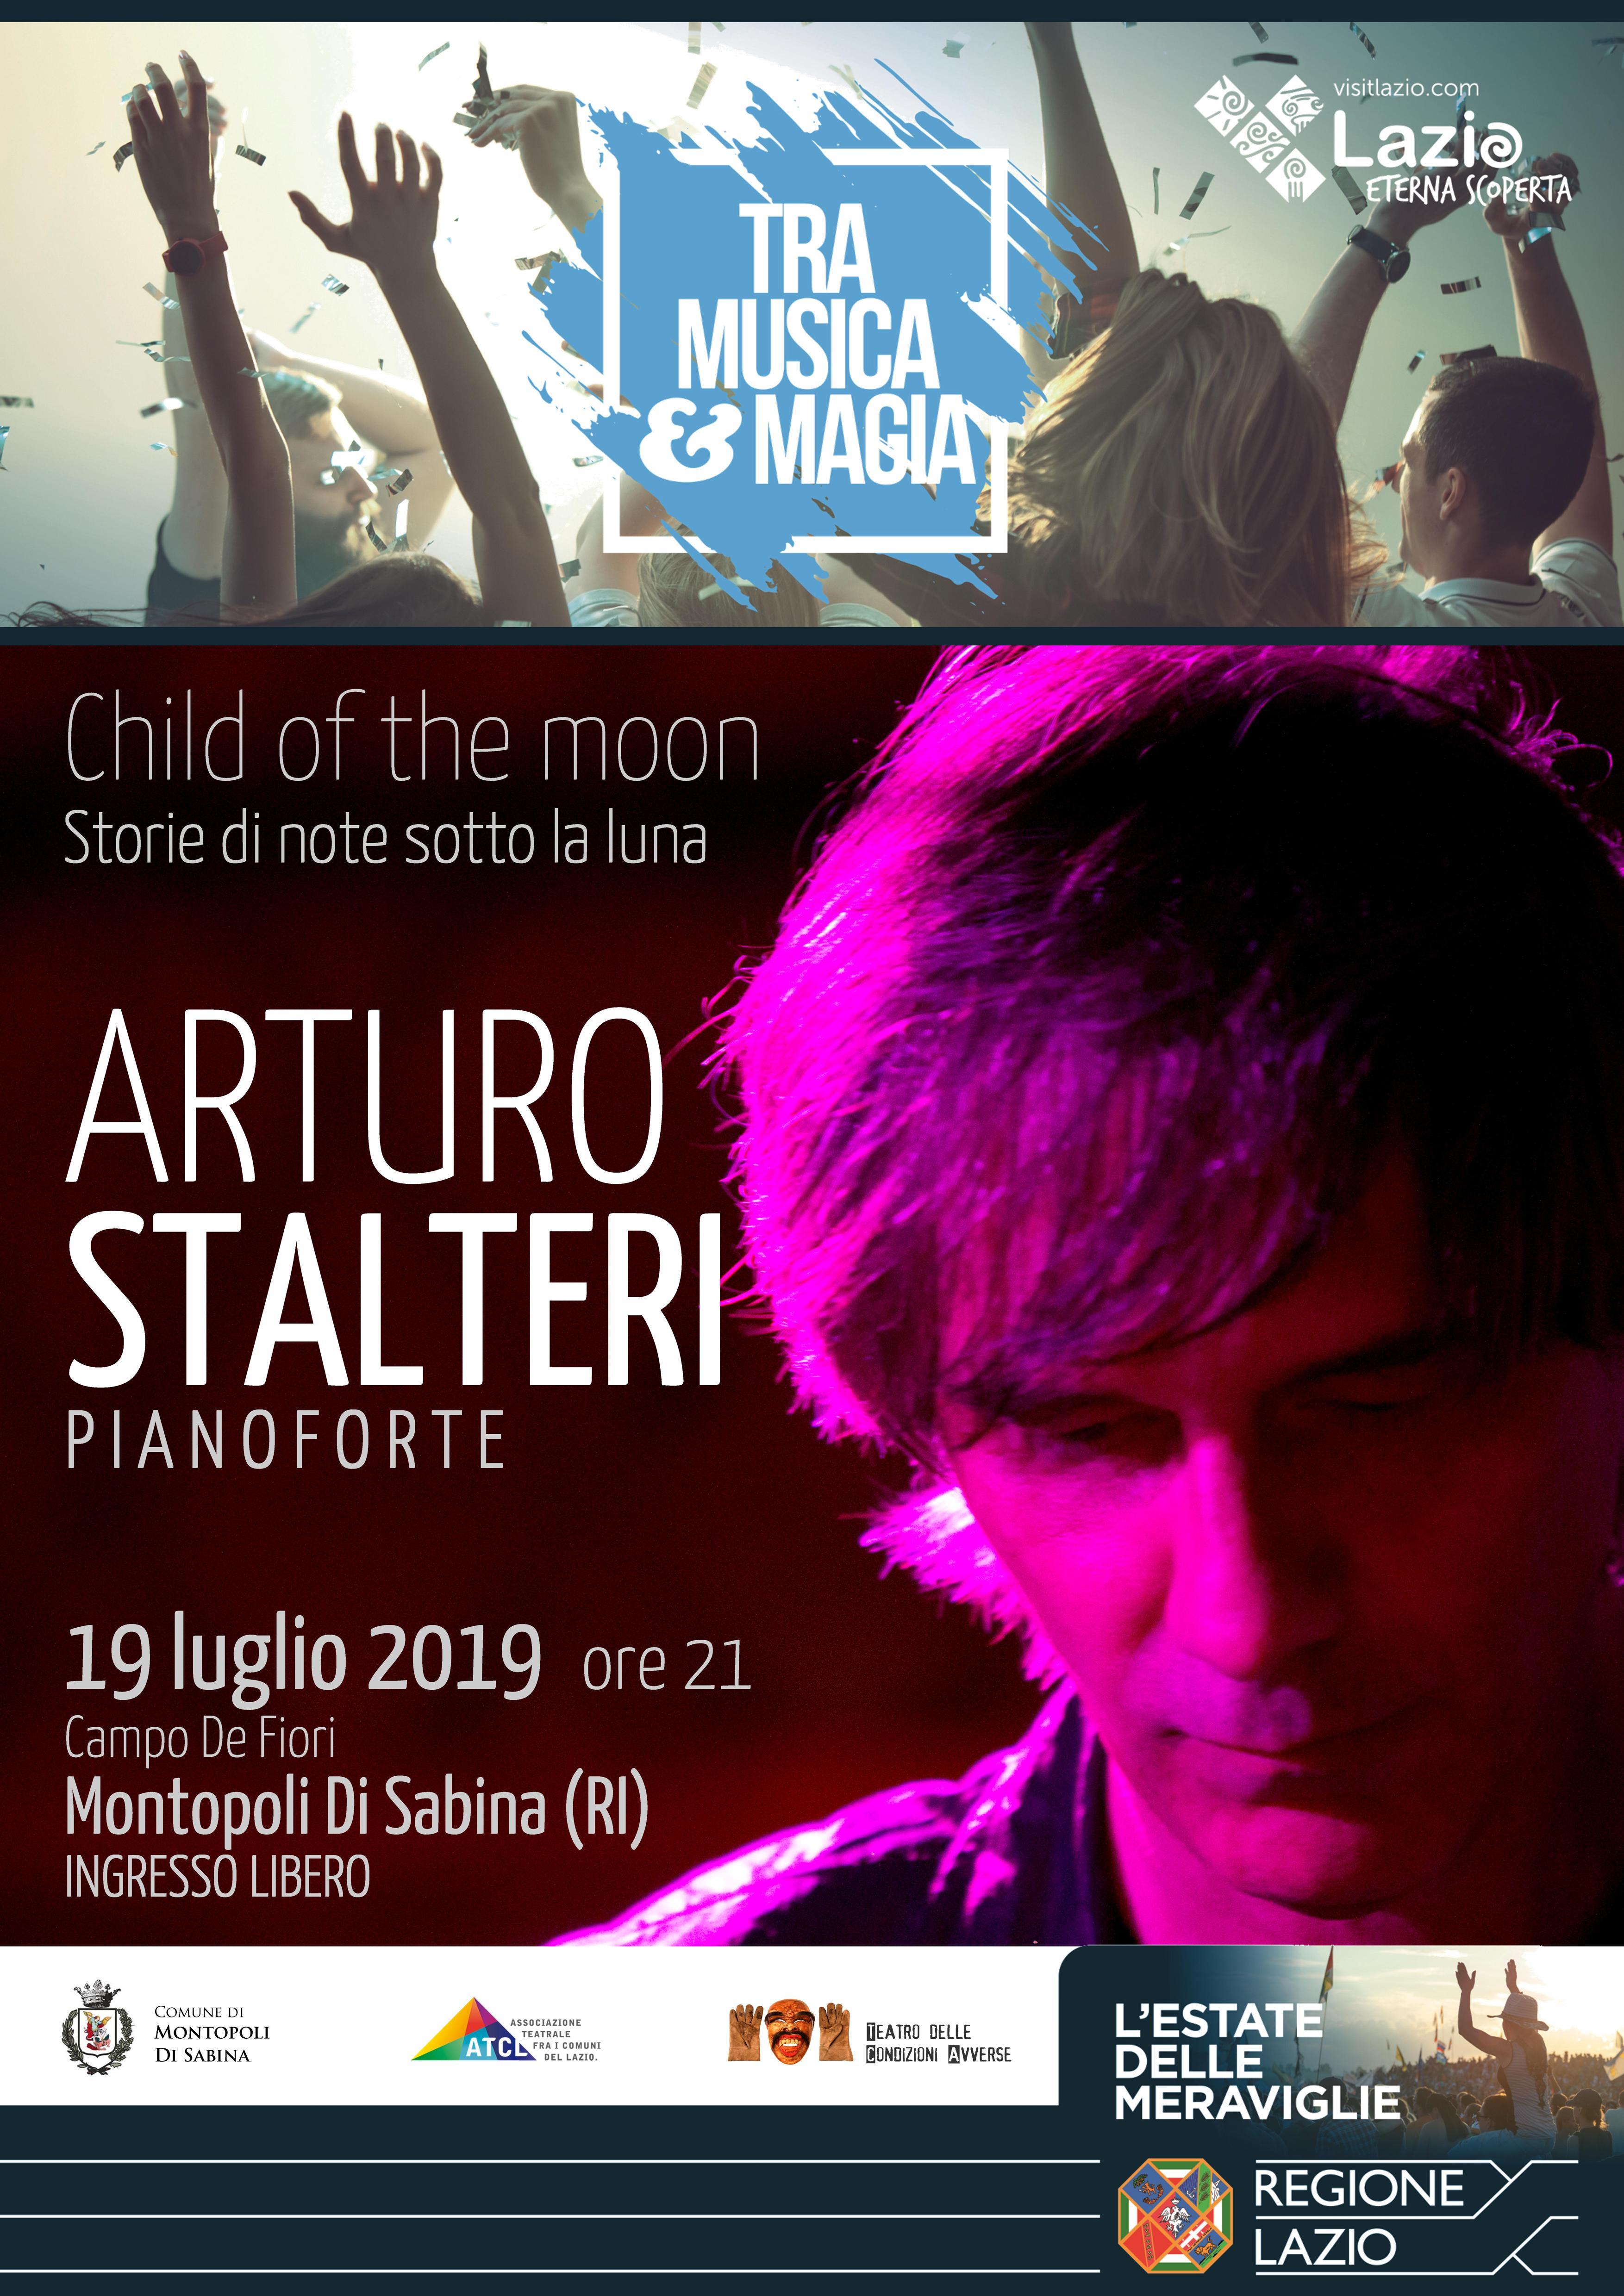 19 luglio Montopoli in Sabina: Arturo Stàlteri in concerto